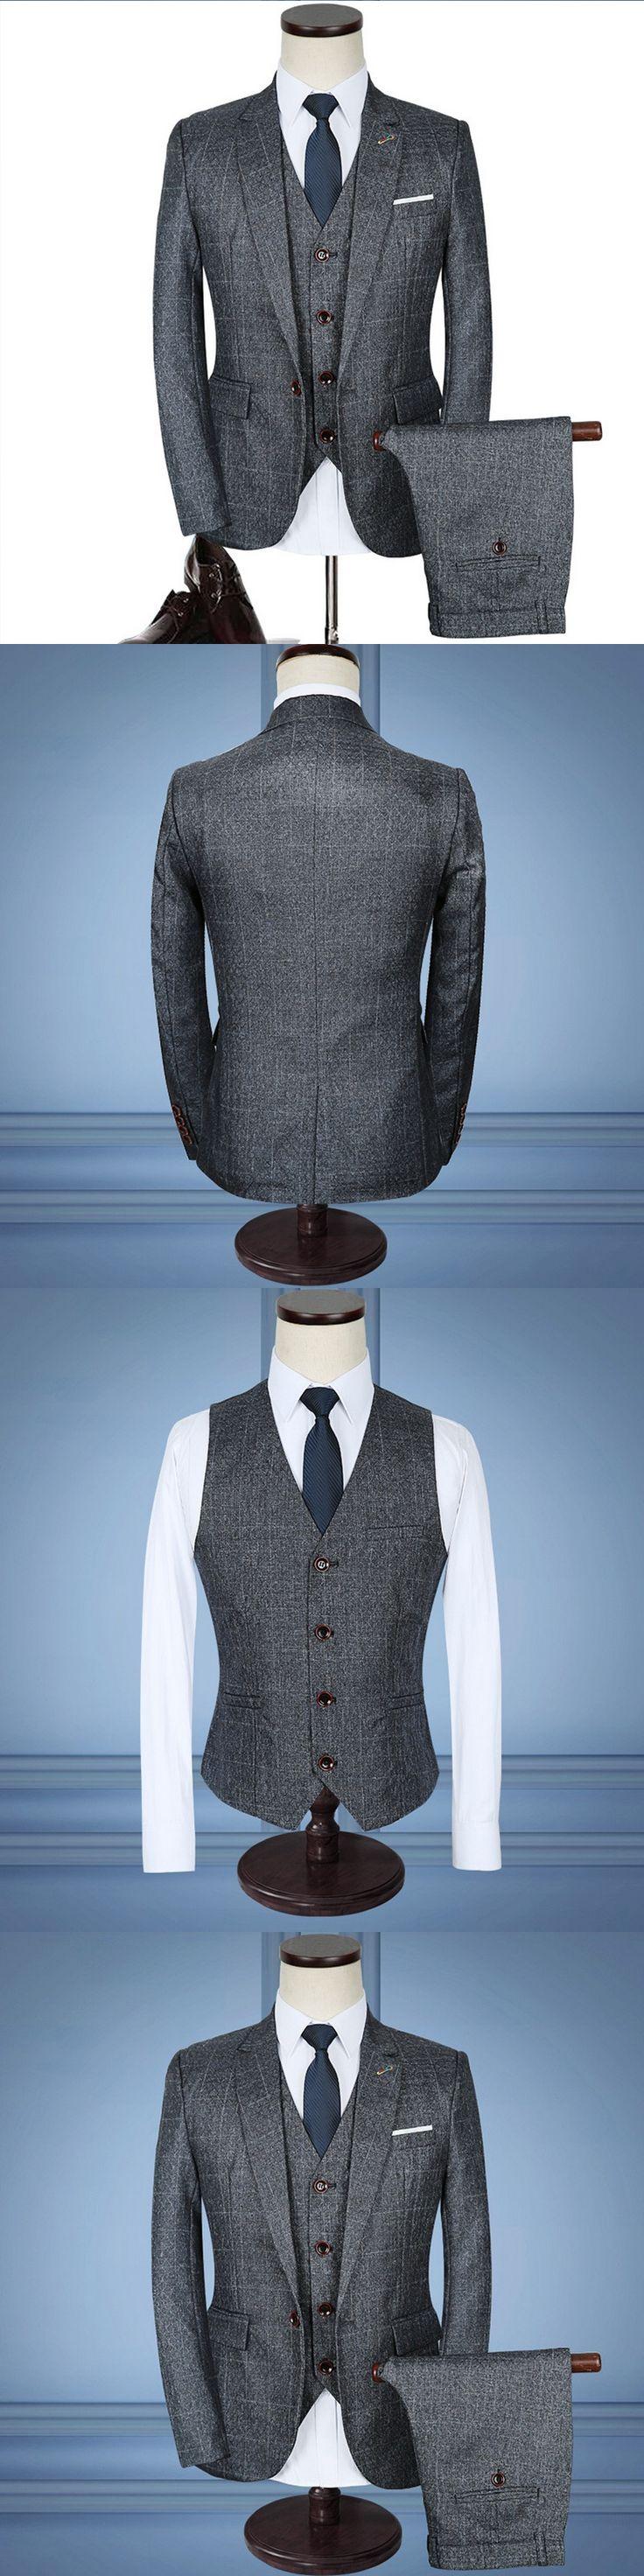 Luxury Mens Grey Suits 3 pieces Jacket+Pants+Vest Formal Dress chinese size Men Suit Set men wedding suits plaid groom tuxedos